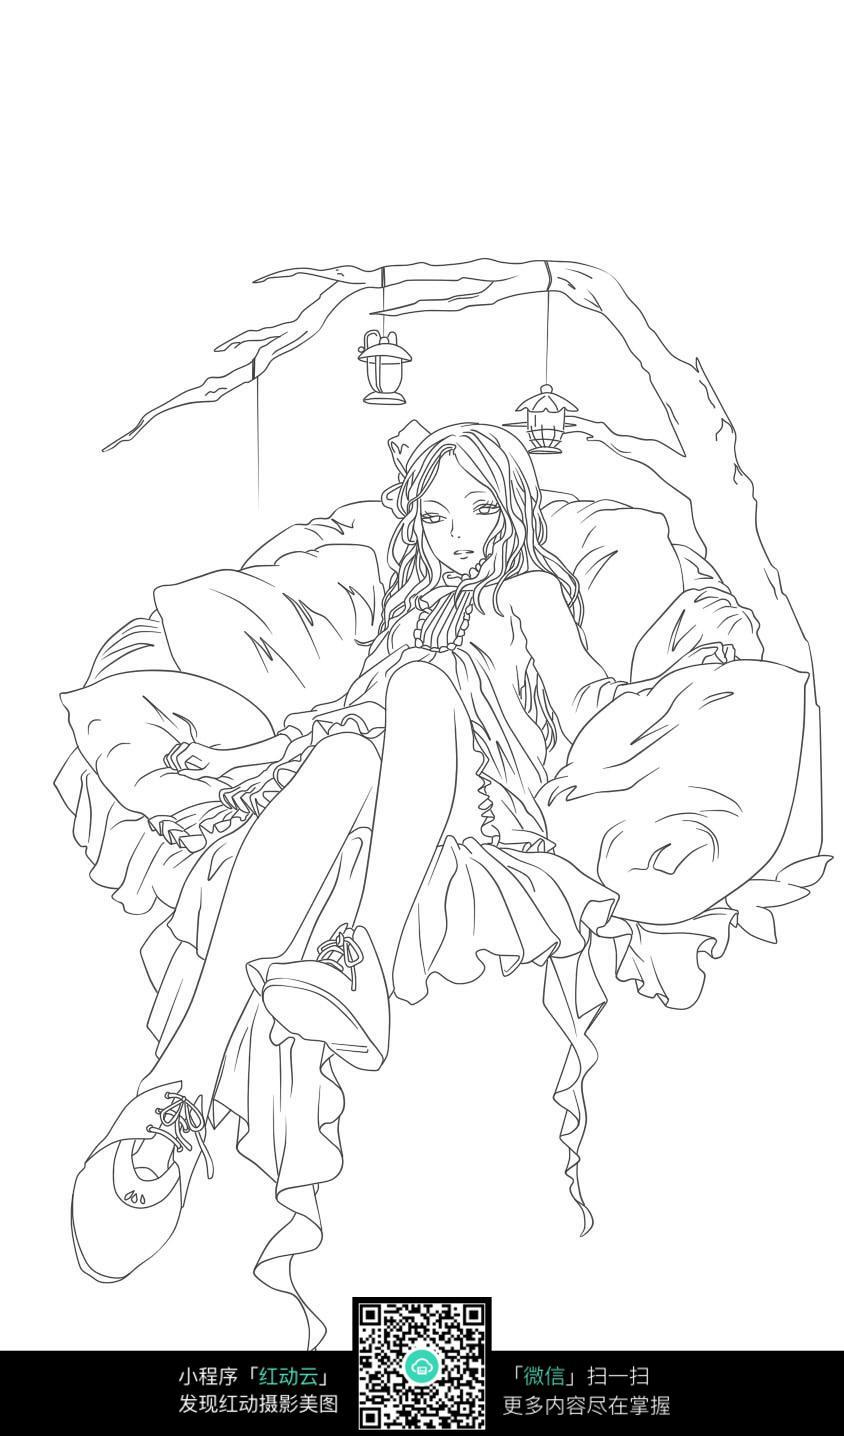 树和女孩卡通手绘线稿